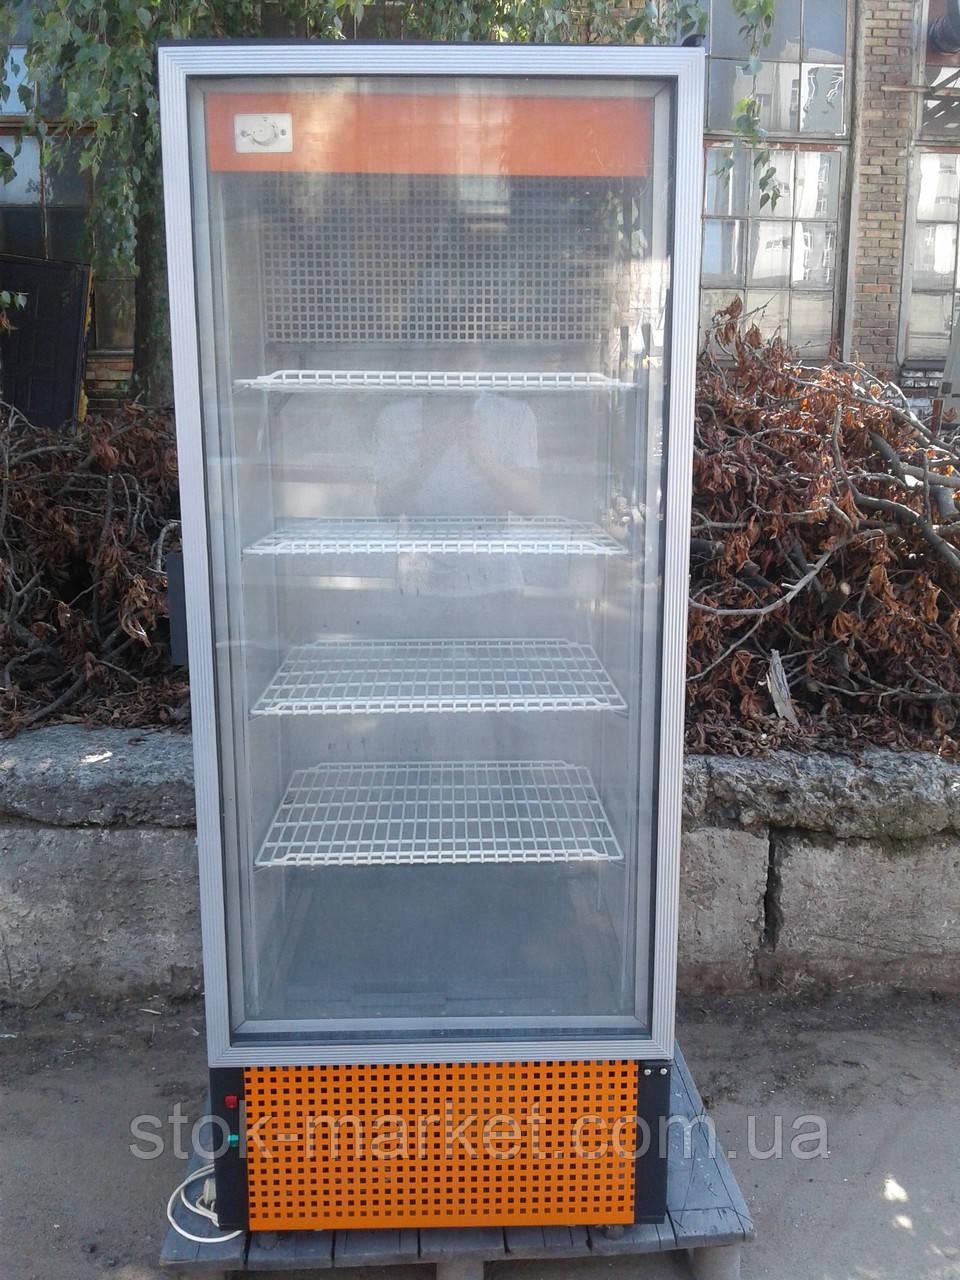 Холодильник однодверный Cold SW 700 DP бу., хоодильник промышленный бу.